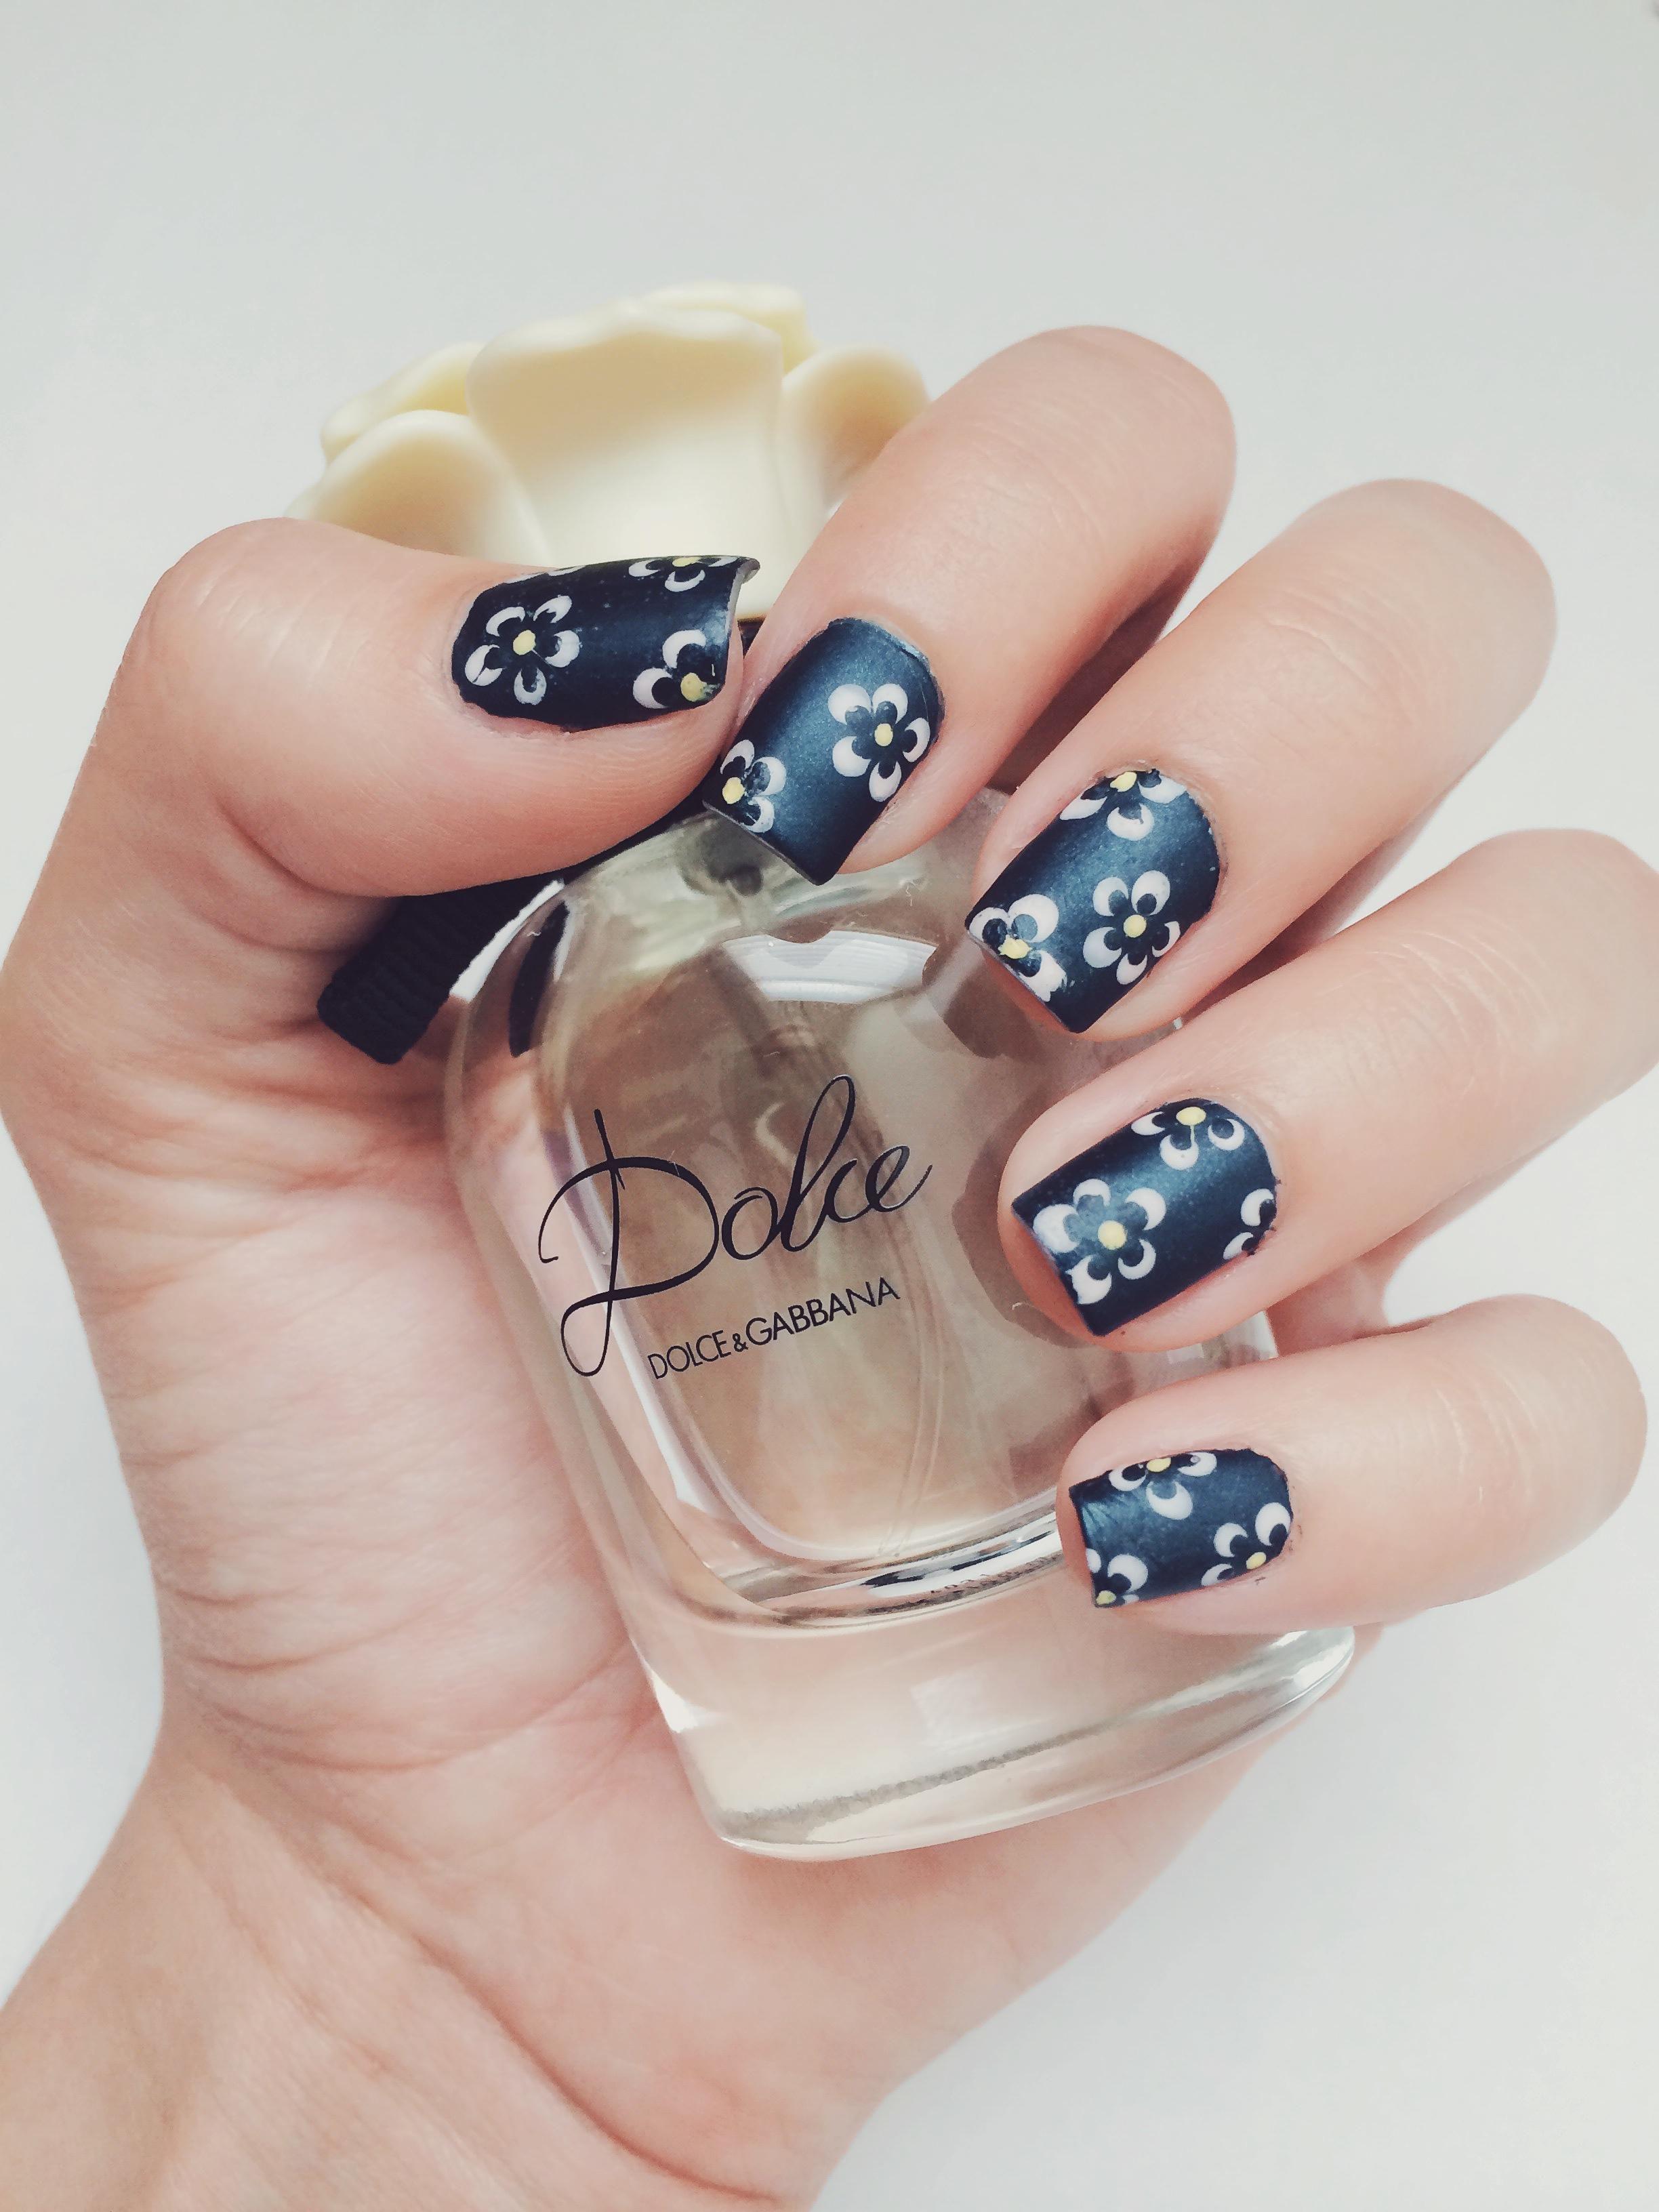 Matte daisy nails Daisy nails, Nails, Polish